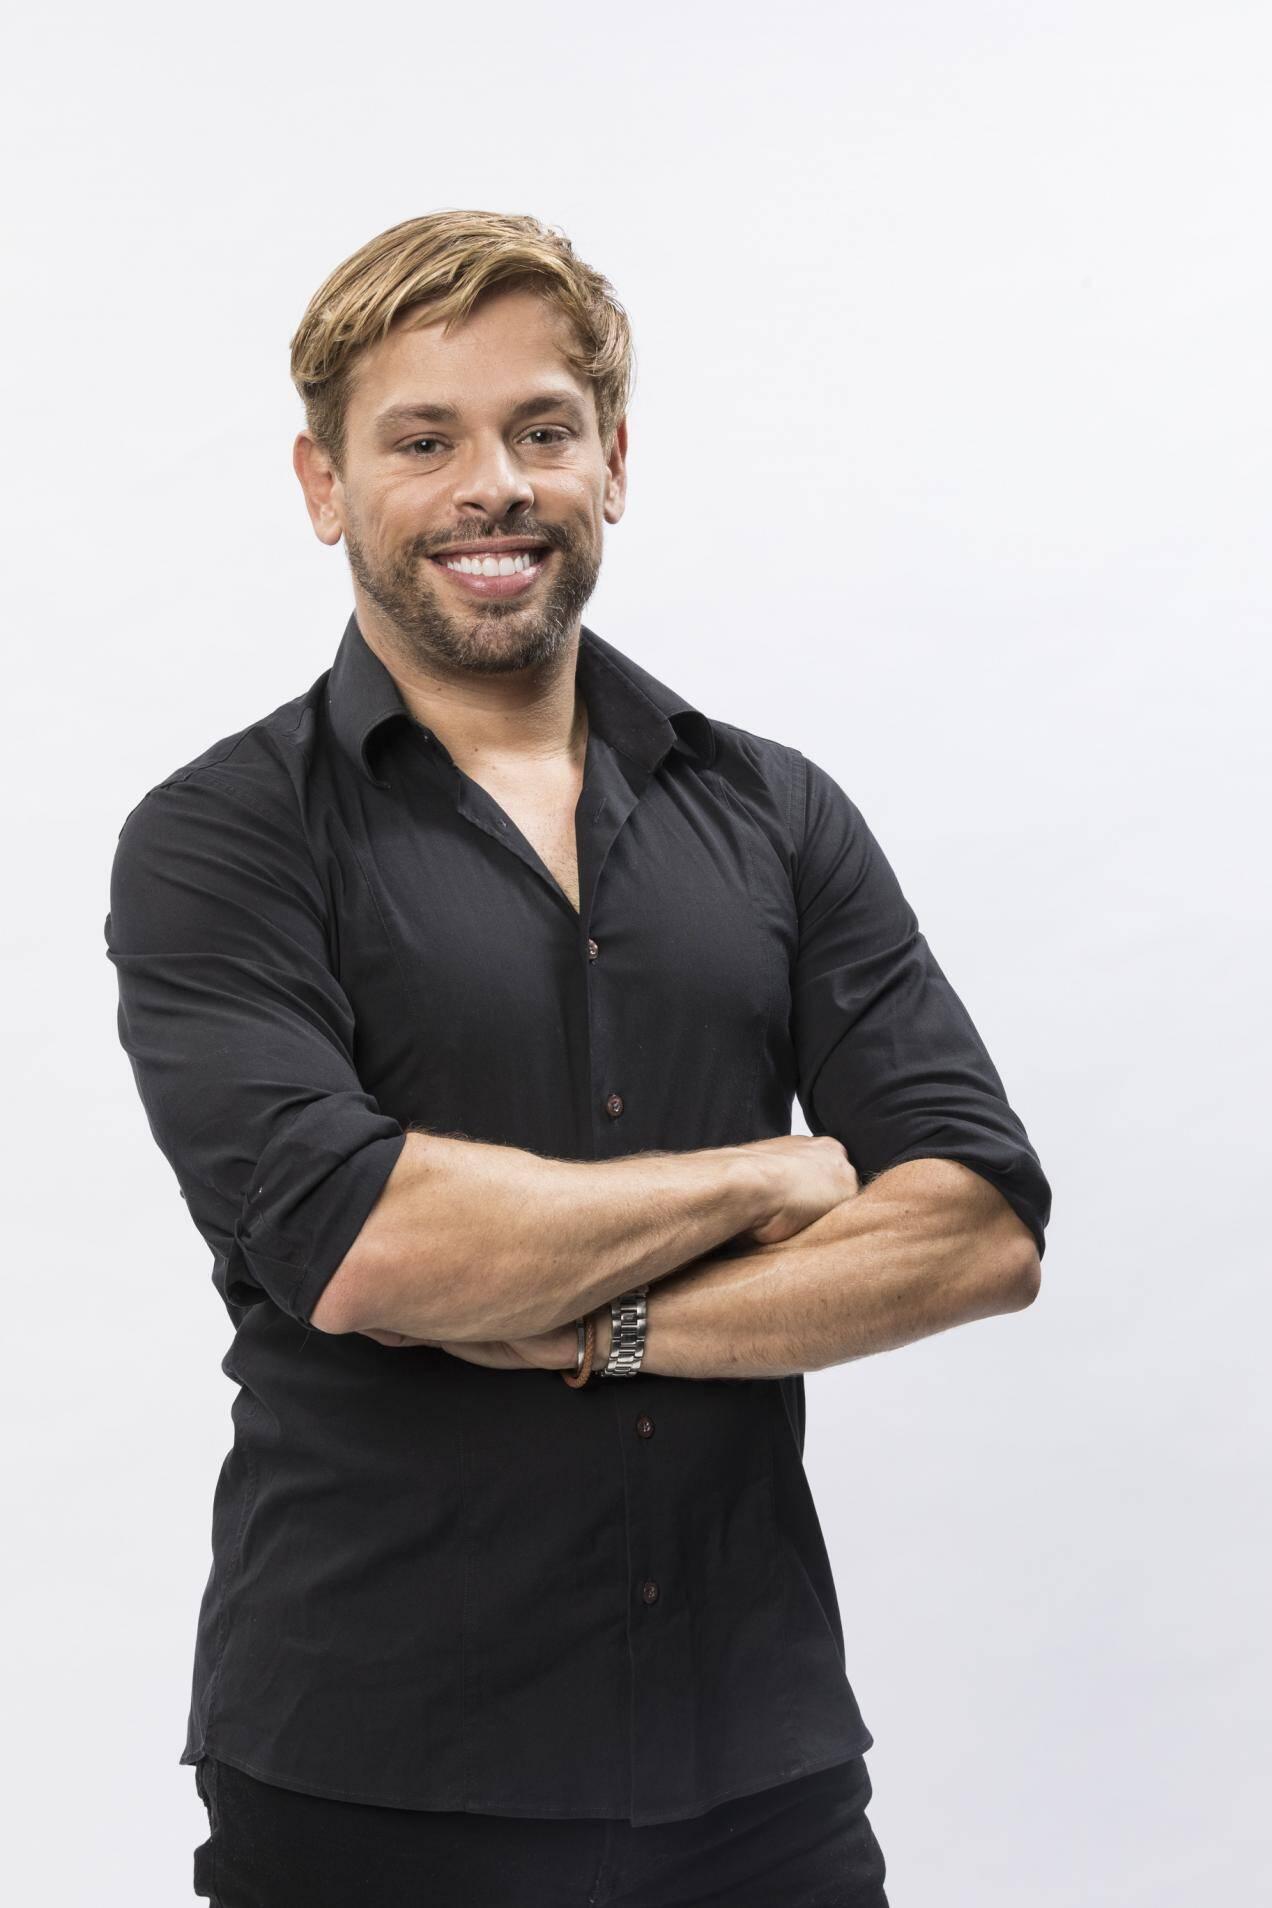 Bruno Chateaubriand, empresário e jornalista, 41 anos. Foto: Divulgação